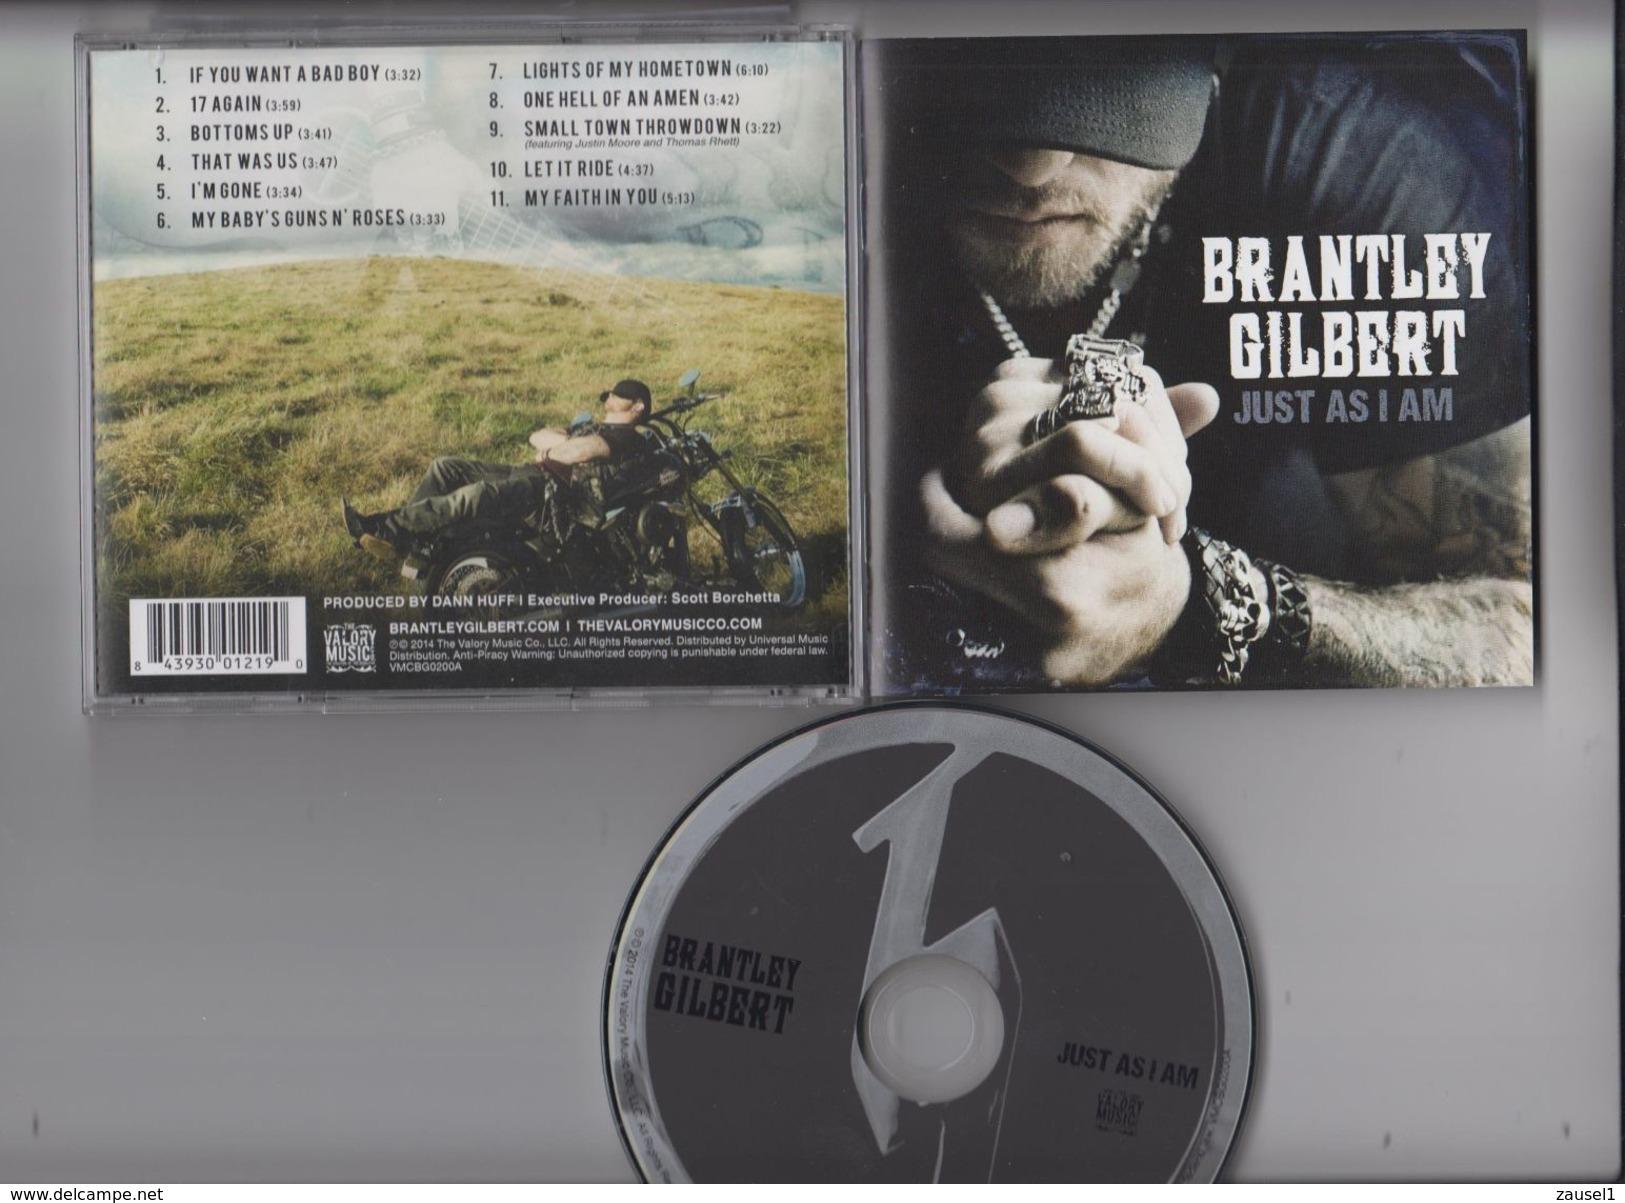 Brantley Gilbert - Just As I Am - Original  CD - Gebraucht, Einwandfreier Zustand - Country & Folk